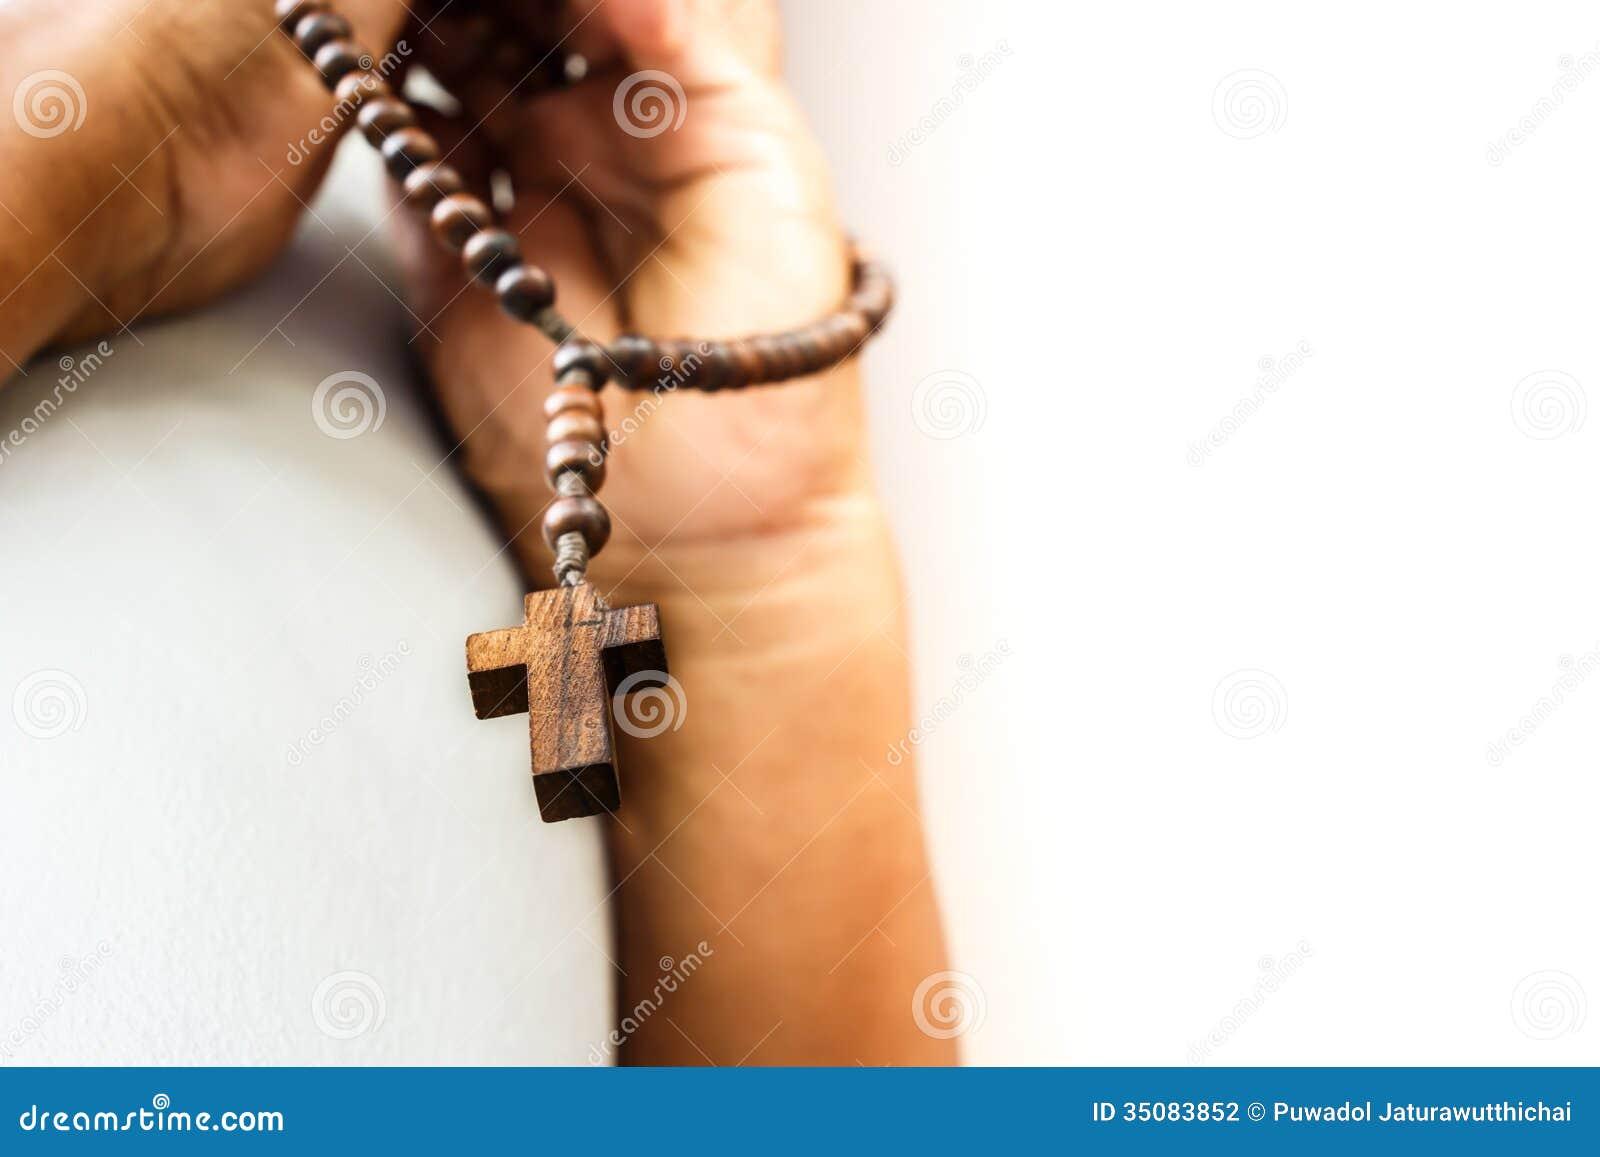 Be till guden